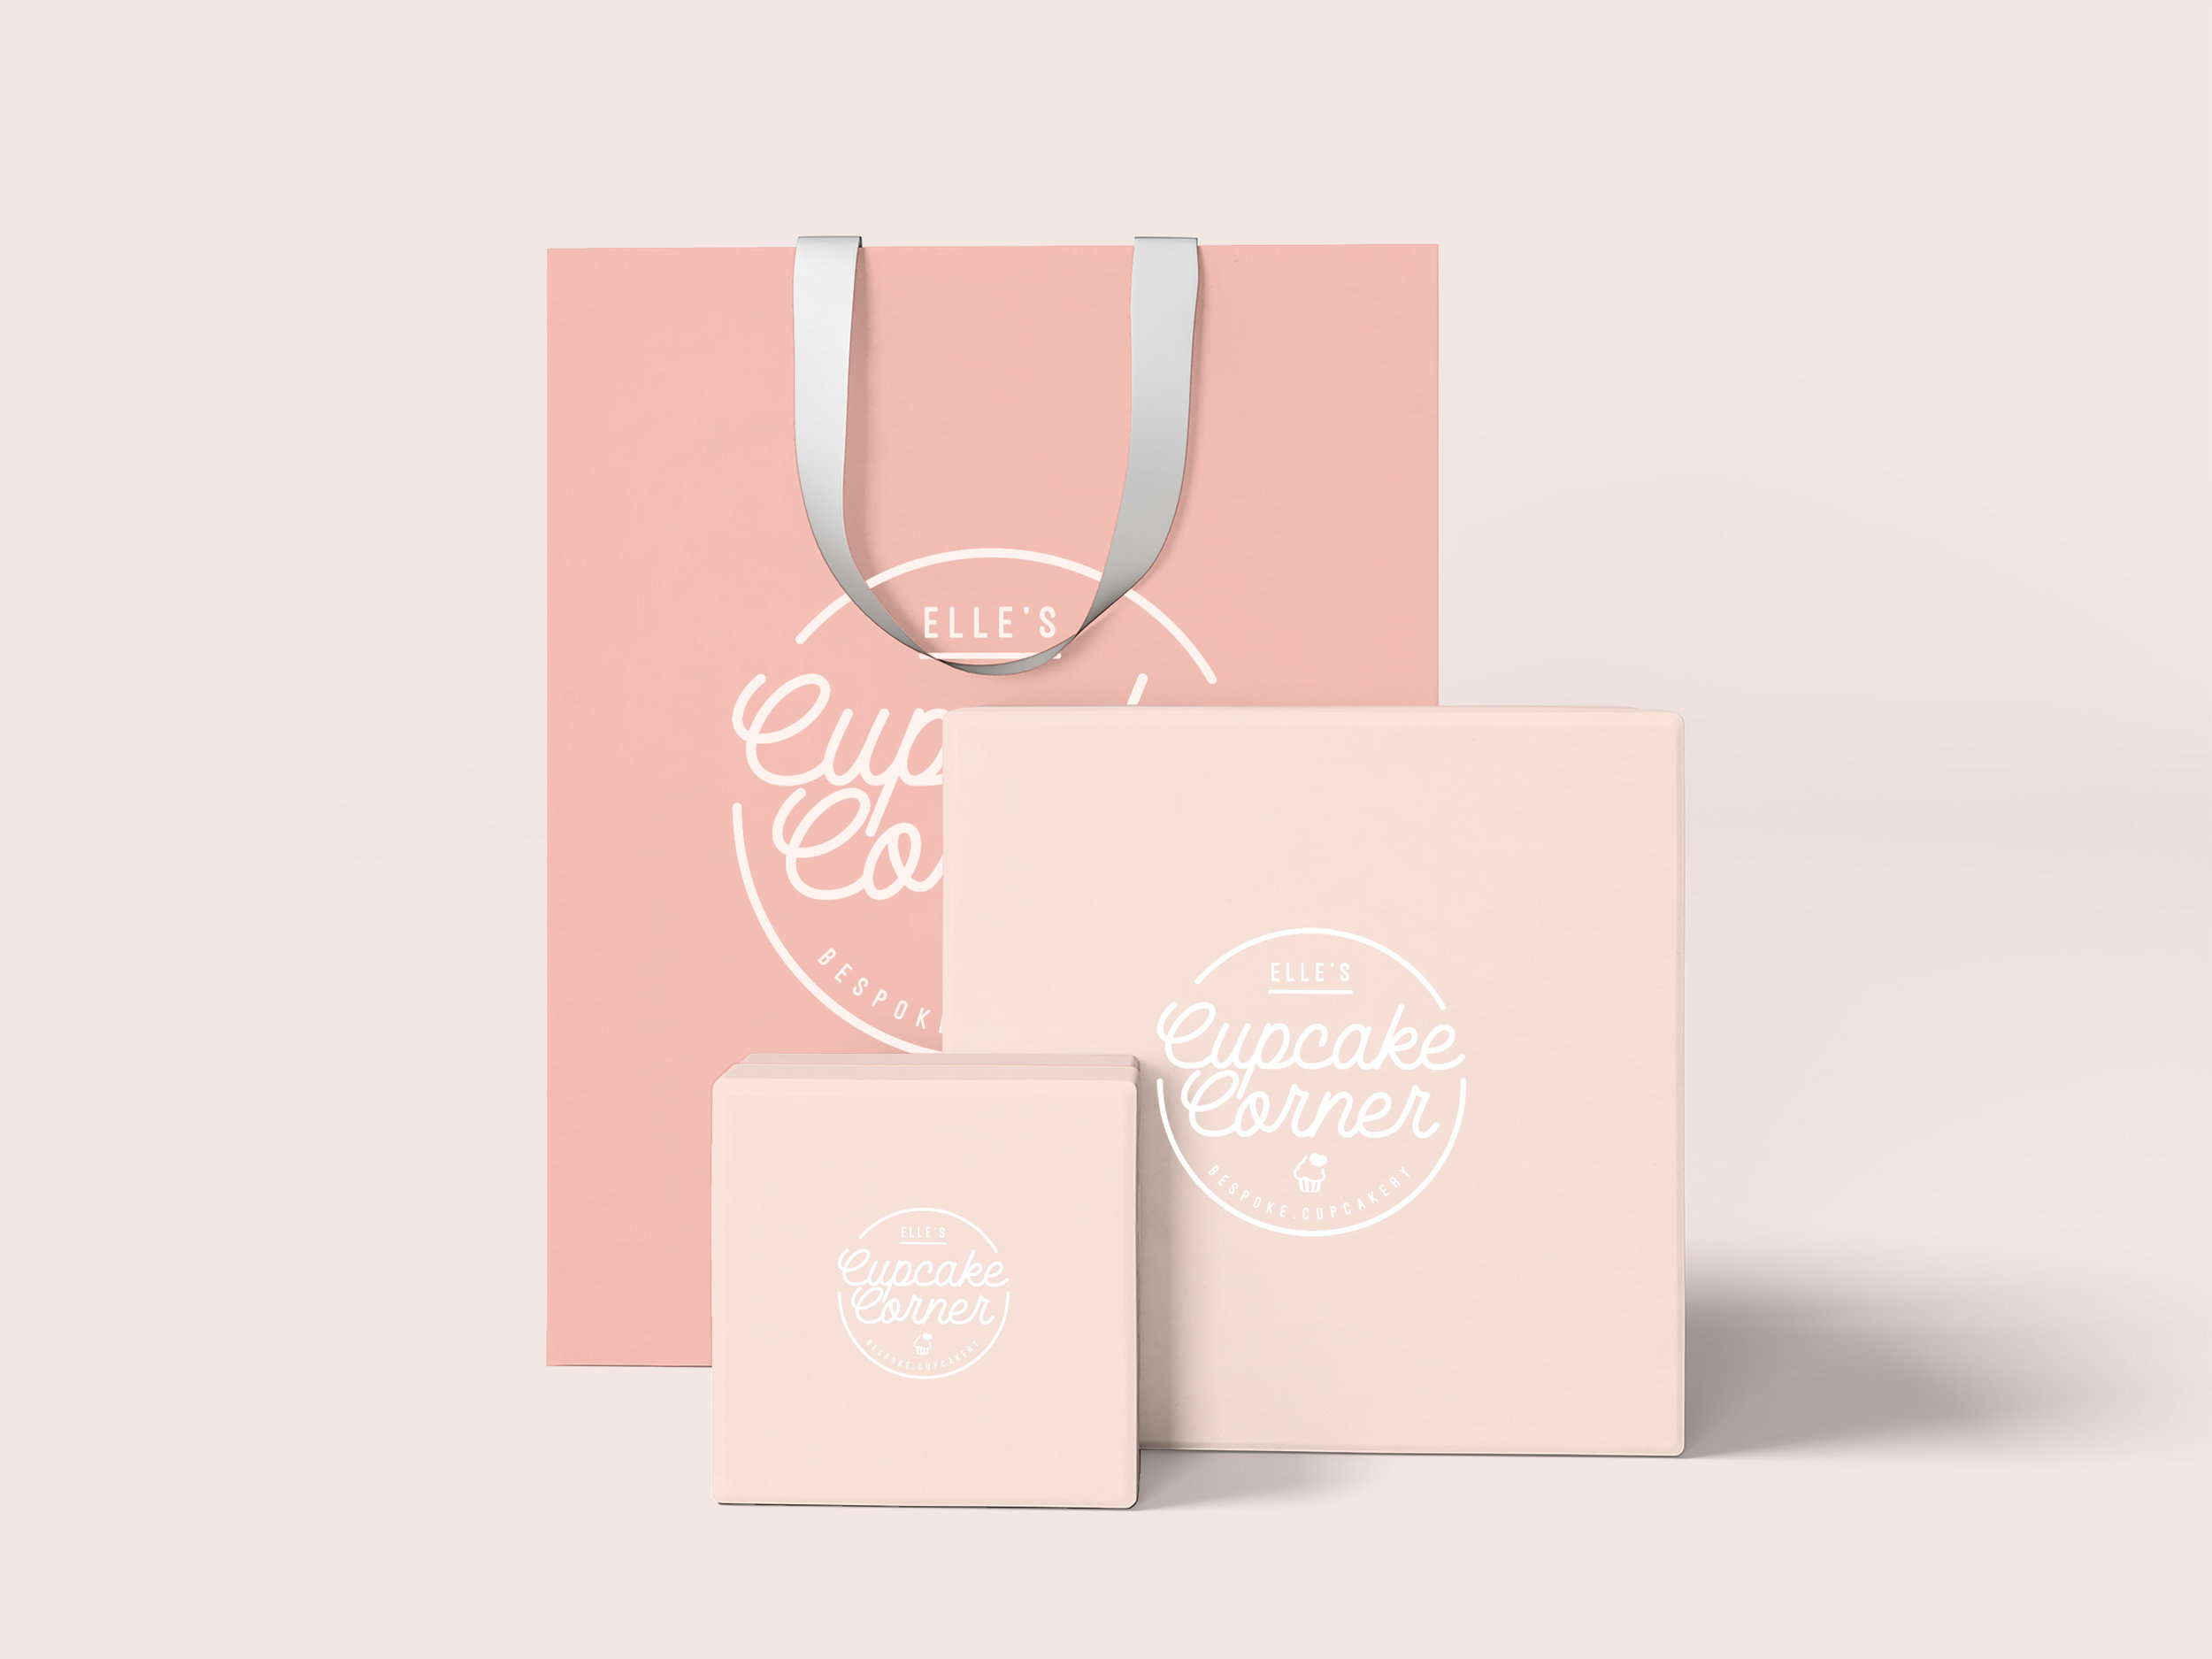 elles-cupcakes-boxes.jpg